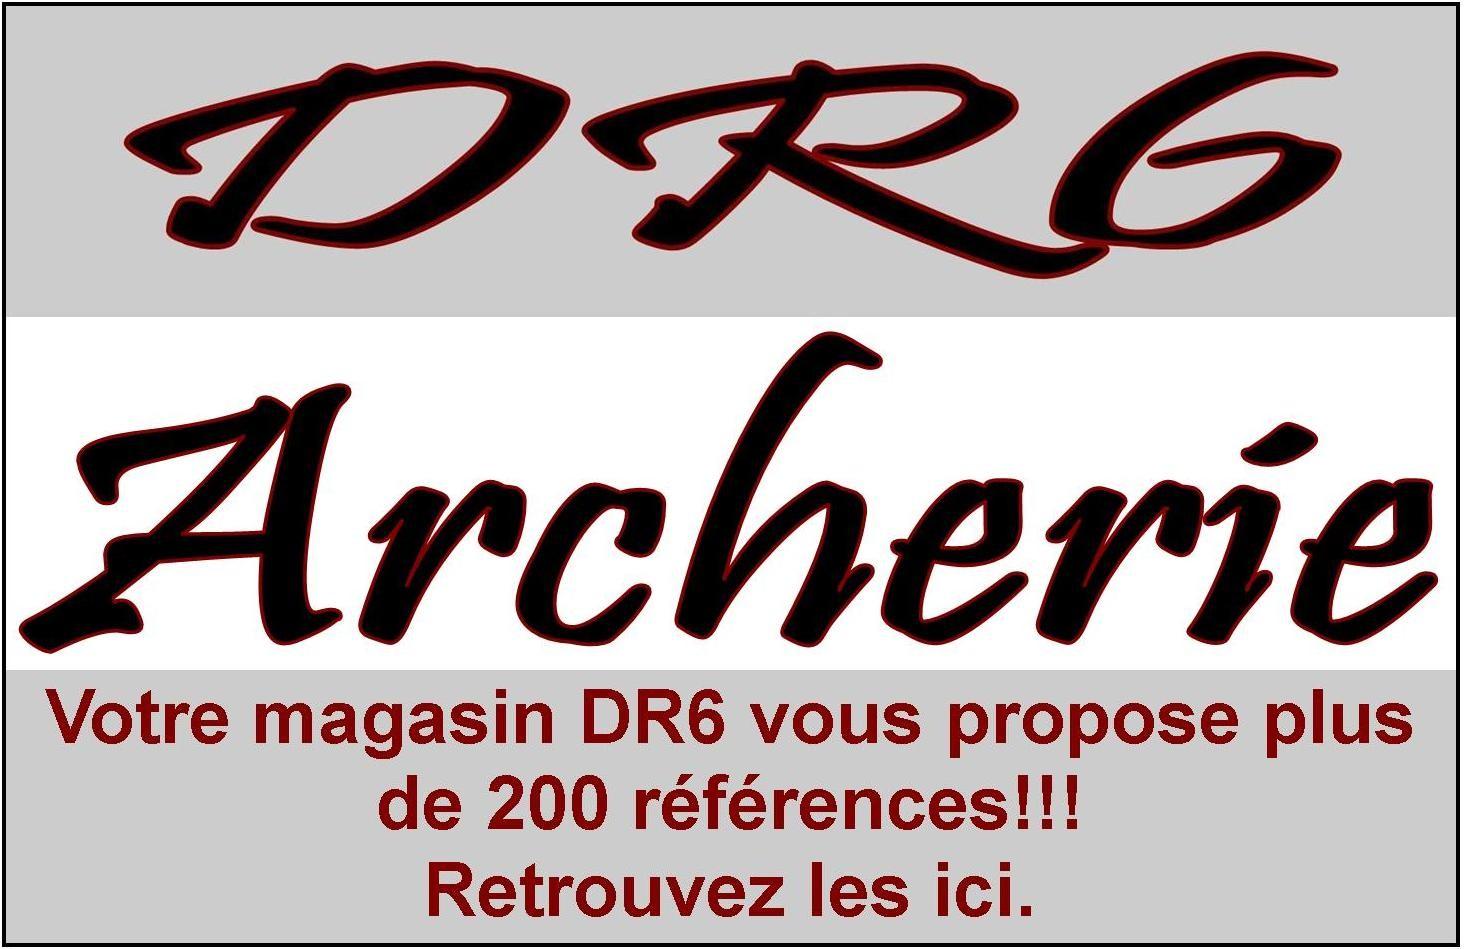 Votre magasin DR6 vous propose plus de 200 références dans sa gamme archerie.